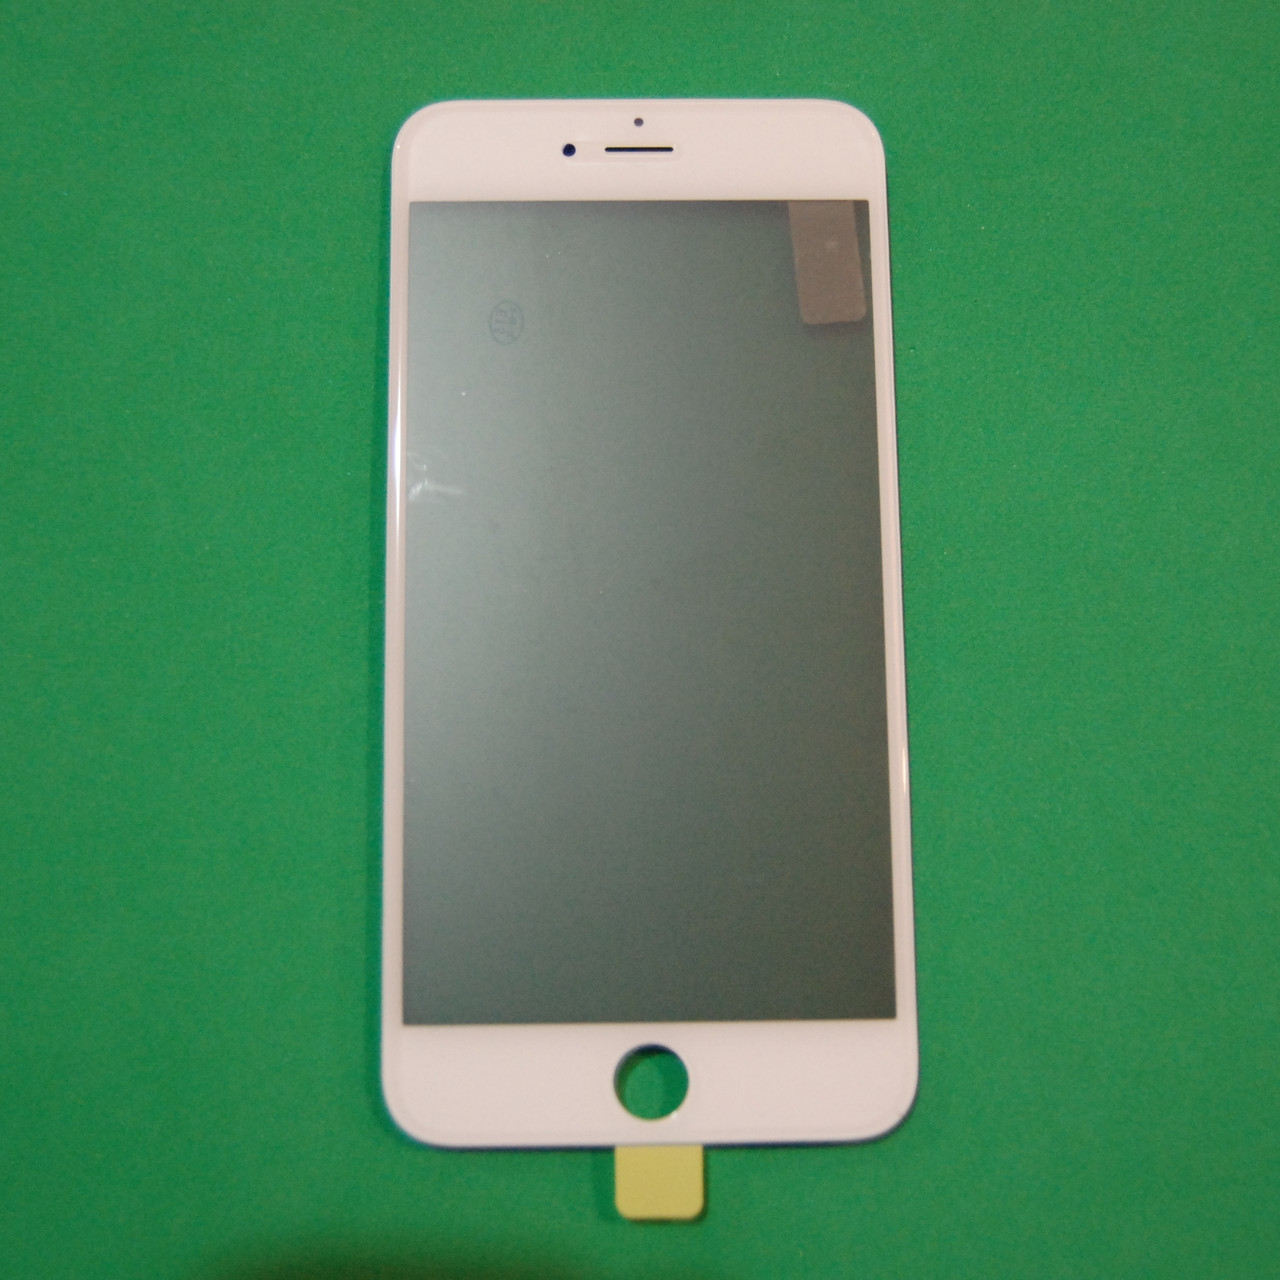 Стекло корпуса для Apple iPhone 6 Plus с рамкой,OCA пленкой,поляризационной пленкой, белое